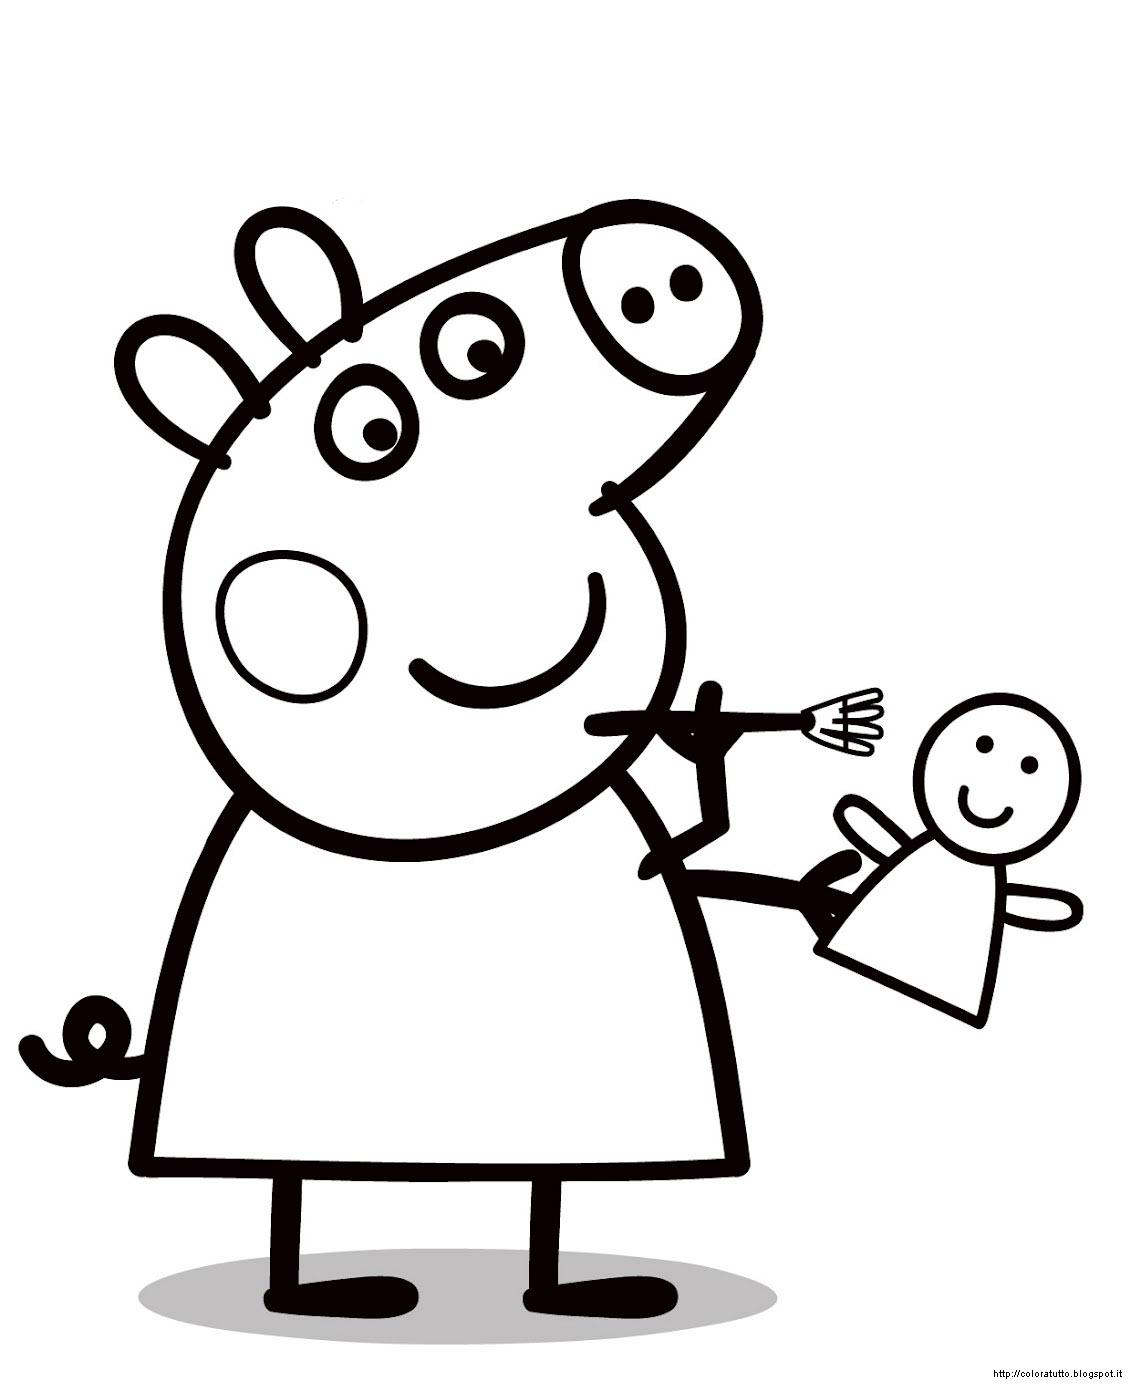 Peppa pig disegni da colorare e libri filastrocche per tutti in